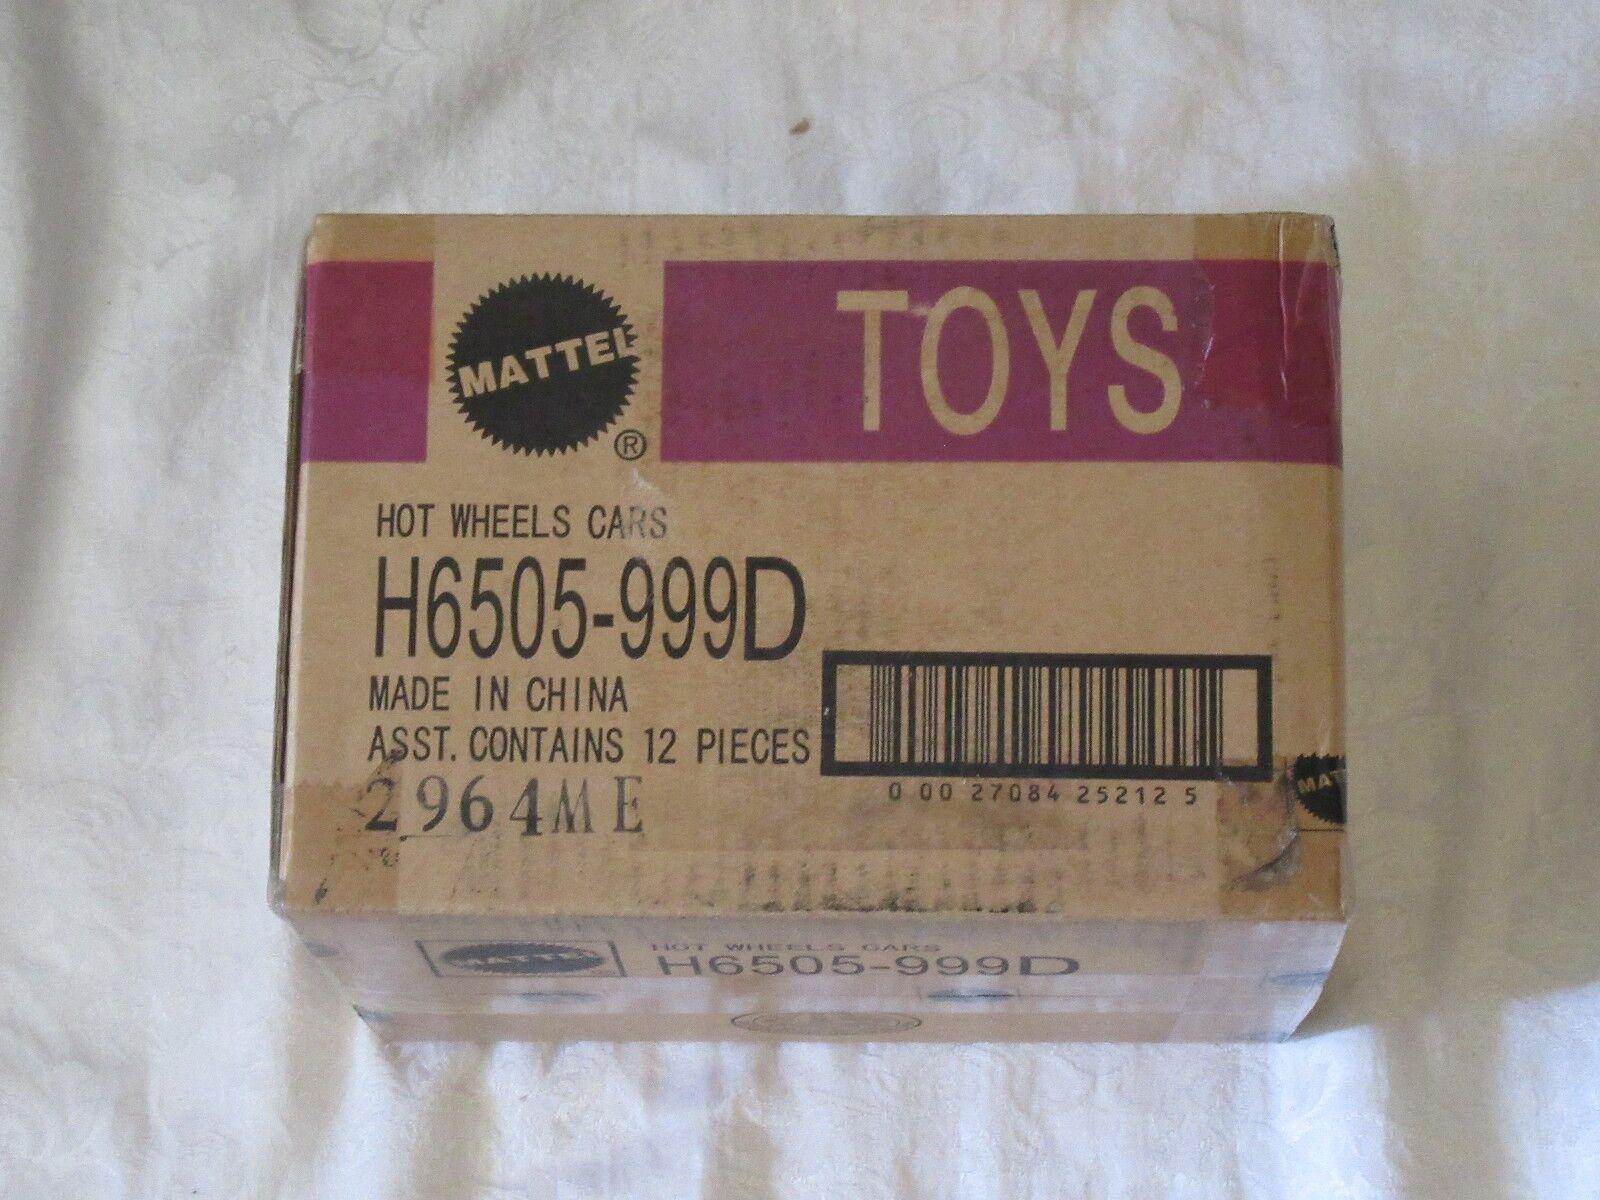 Mattel Hot Wheels Cars Sealed Case H6505-999D 2964ME 2964 ME 12 Pieces